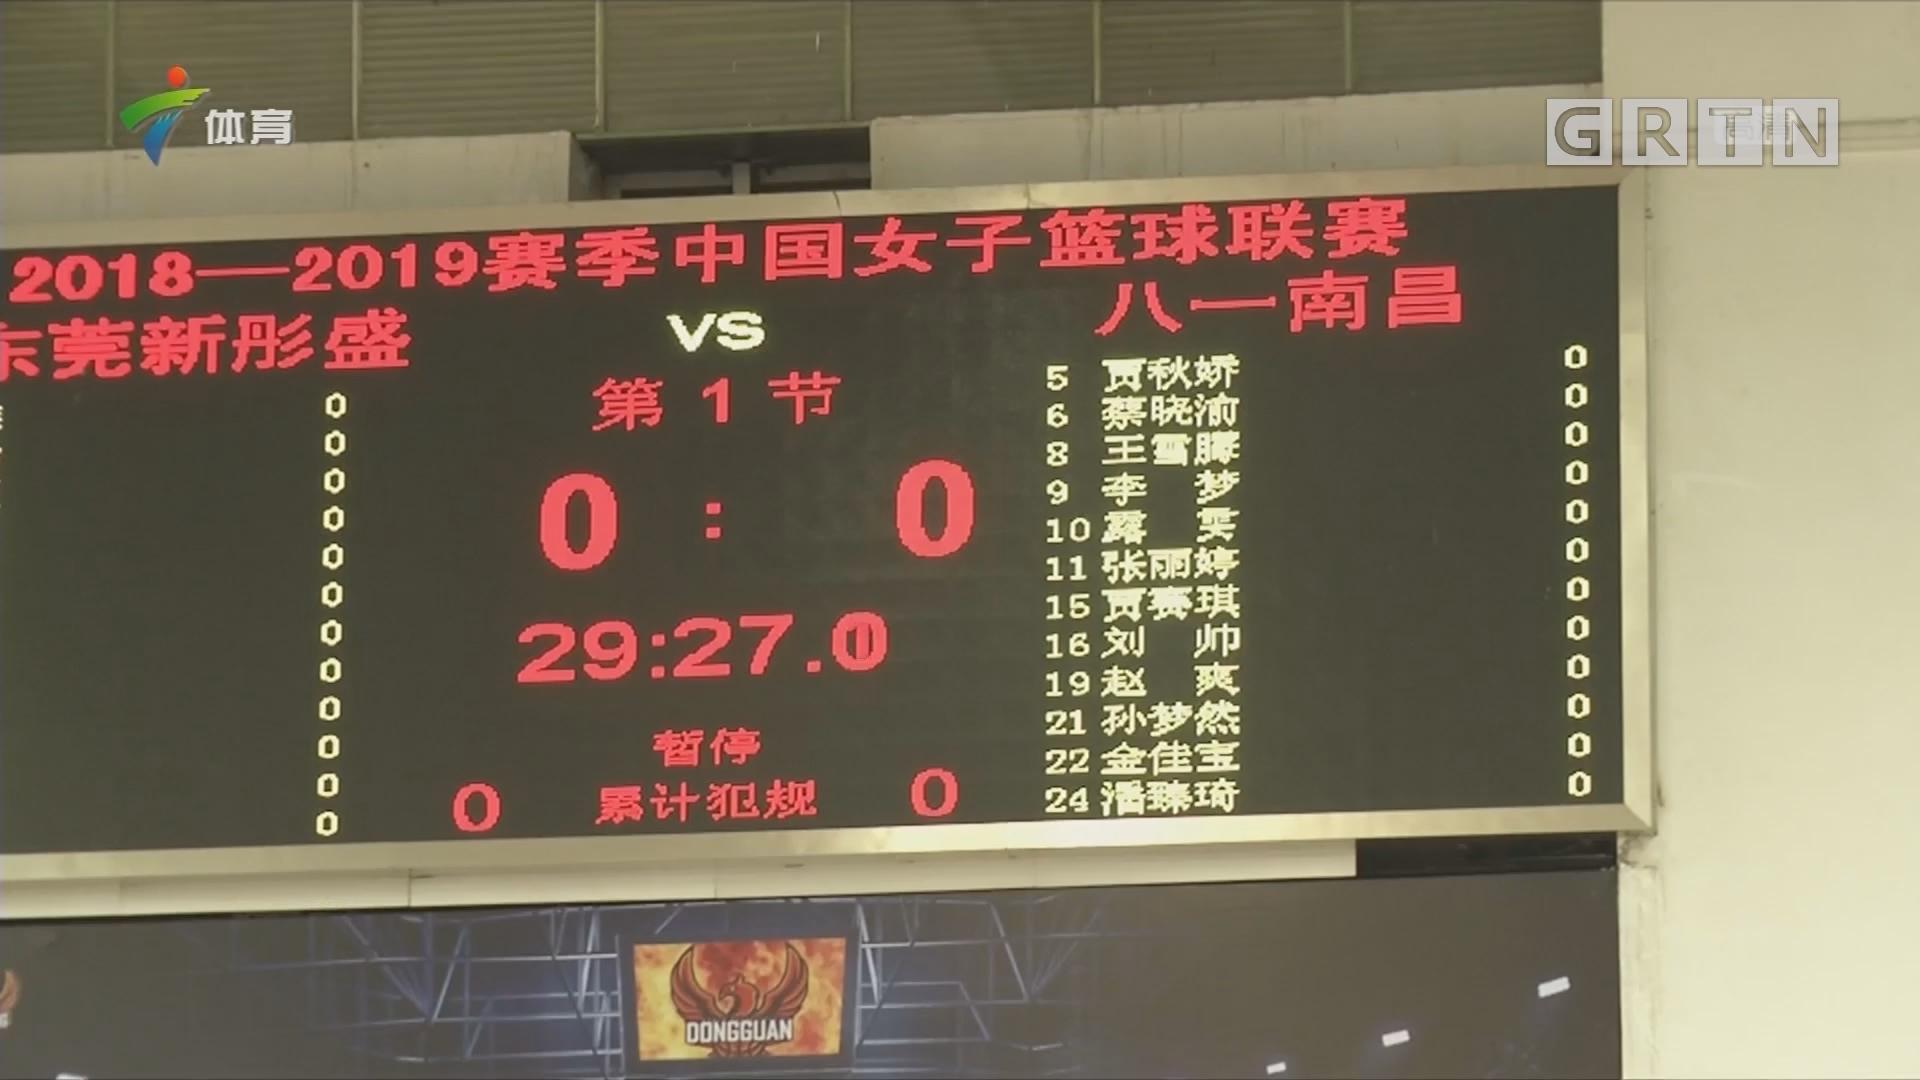 2018-2019赛季中国女子篮球联赛